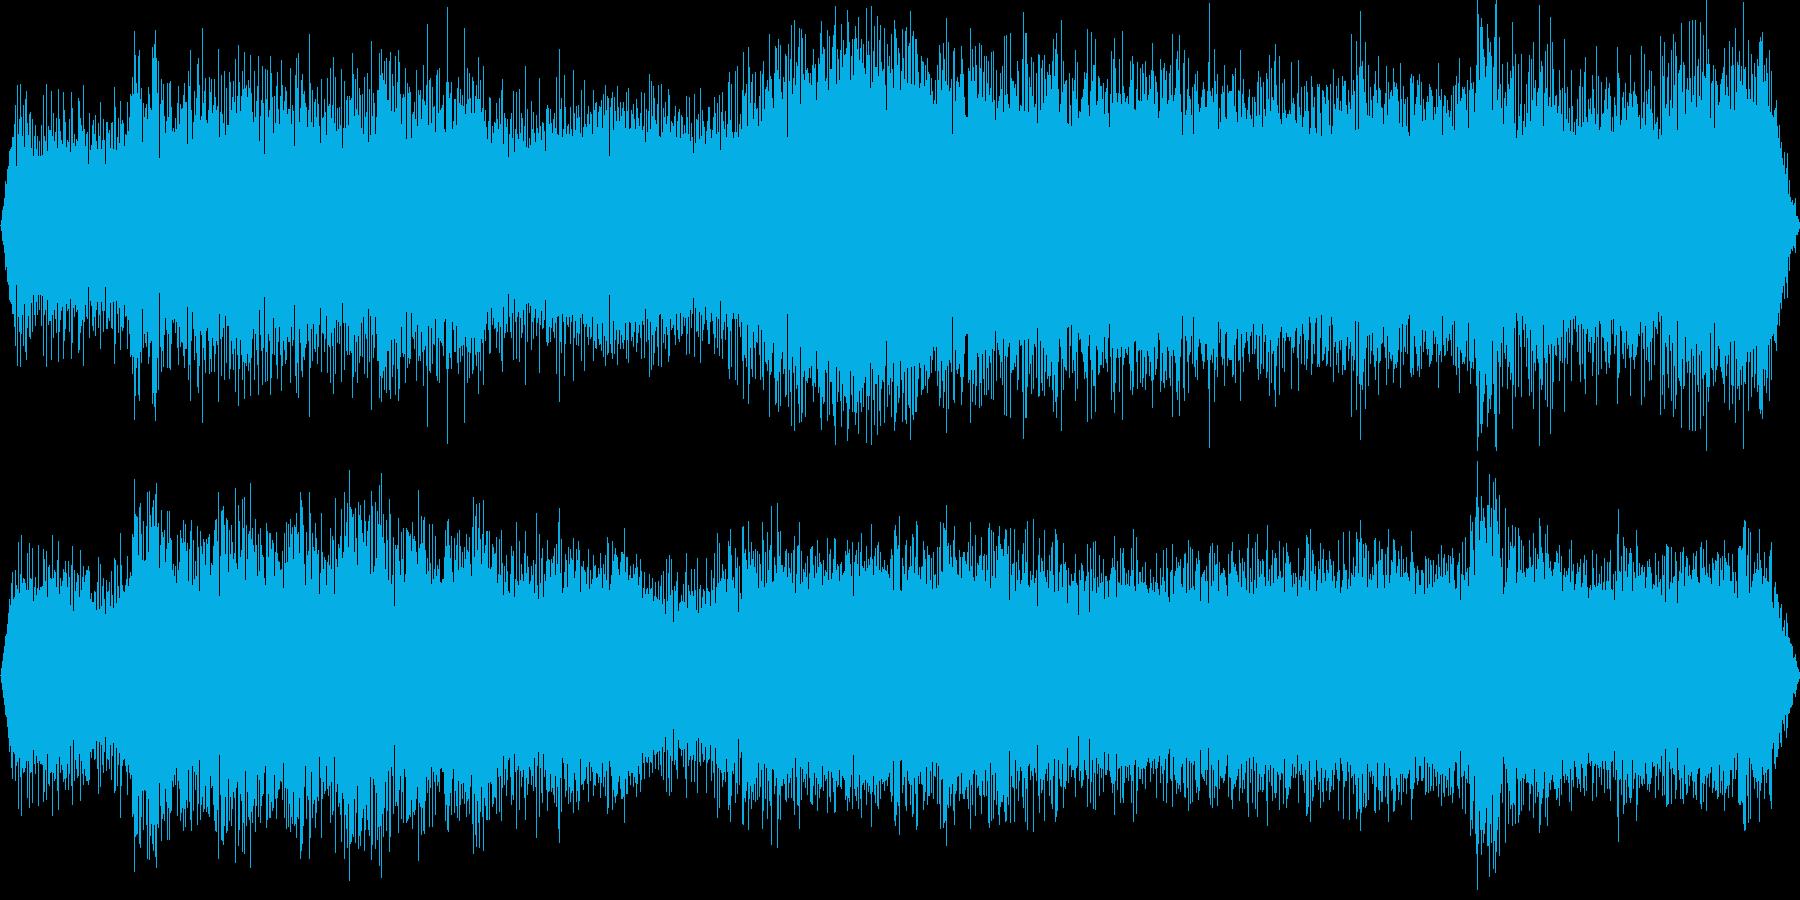 高速運転中のディーゼル特急のエンジン音の再生済みの波形